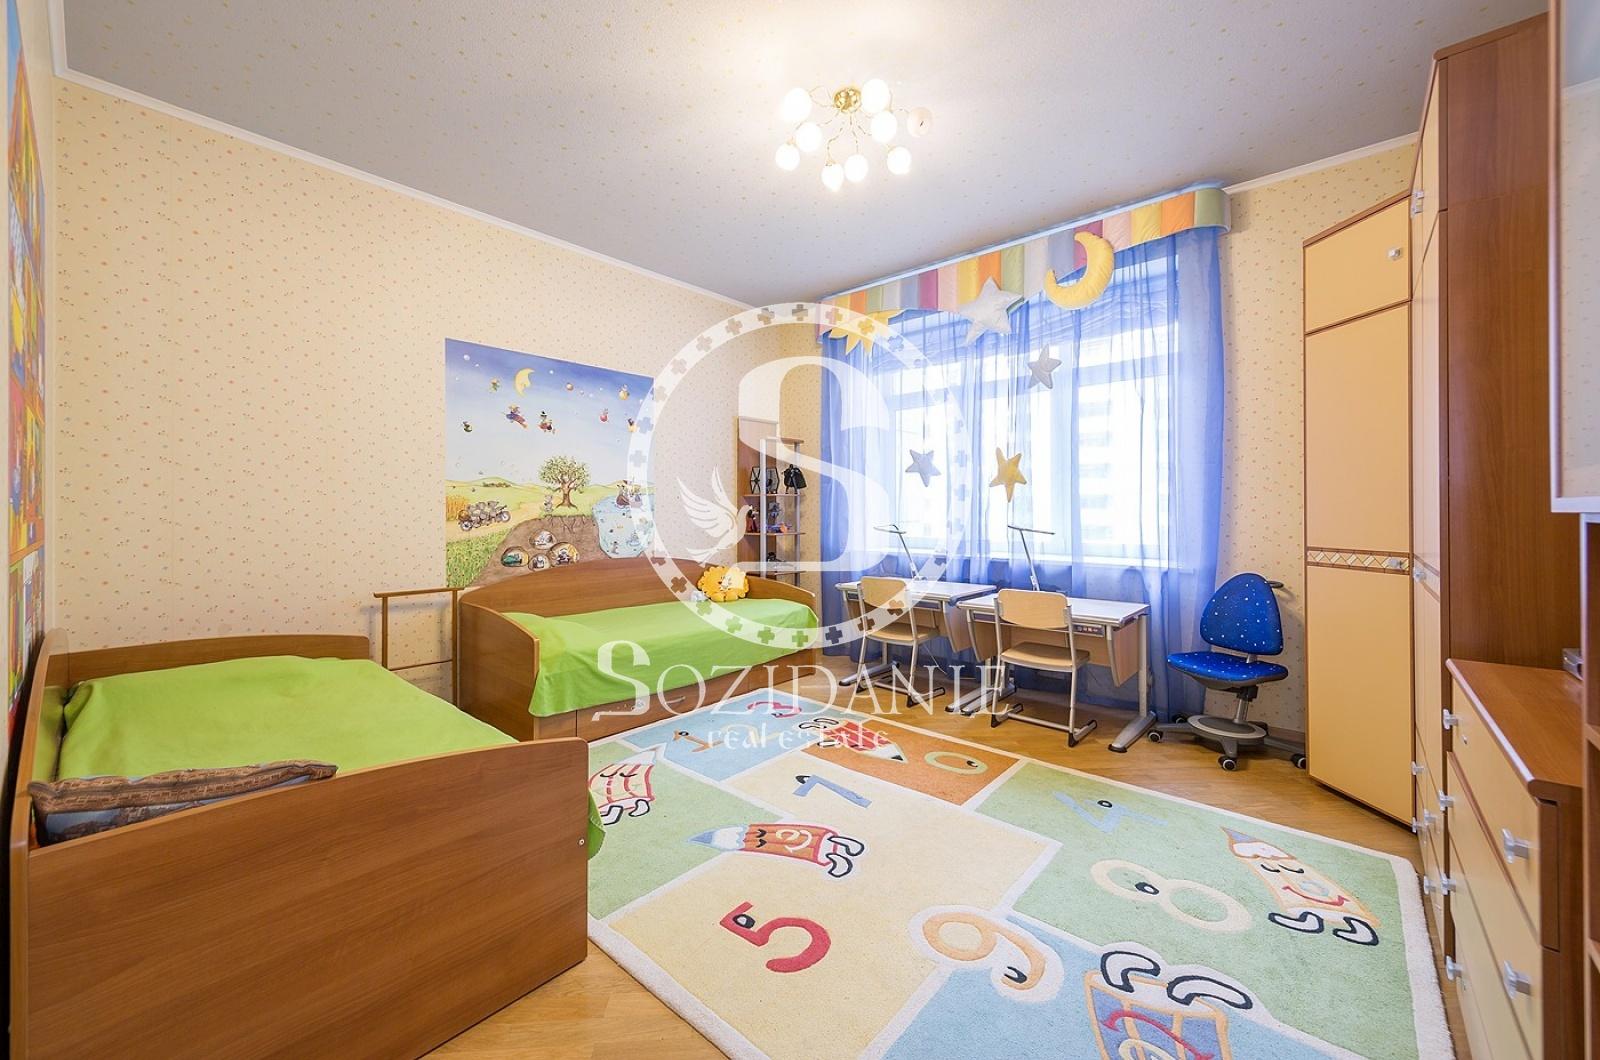 3 Комнаты, Городская, Продажа, Чапаевский переулок, Listing ID 3559, Москва, Россия,